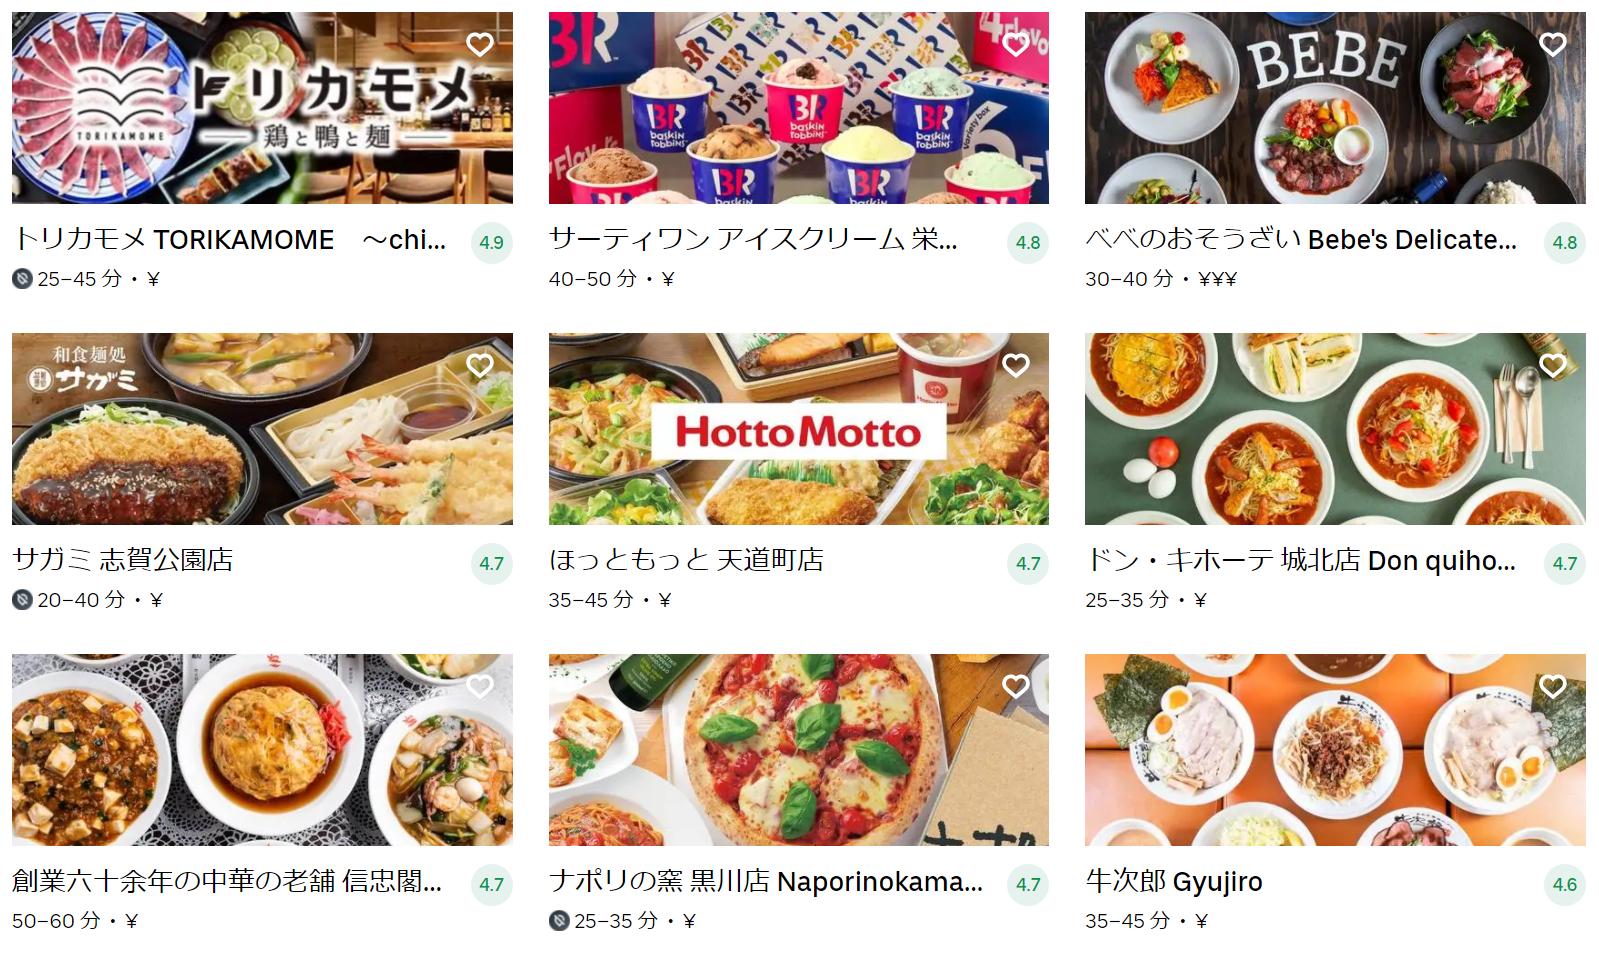 名古屋市北区エリアのおすすめUber Eats(ウーバーイーツ)メニュー